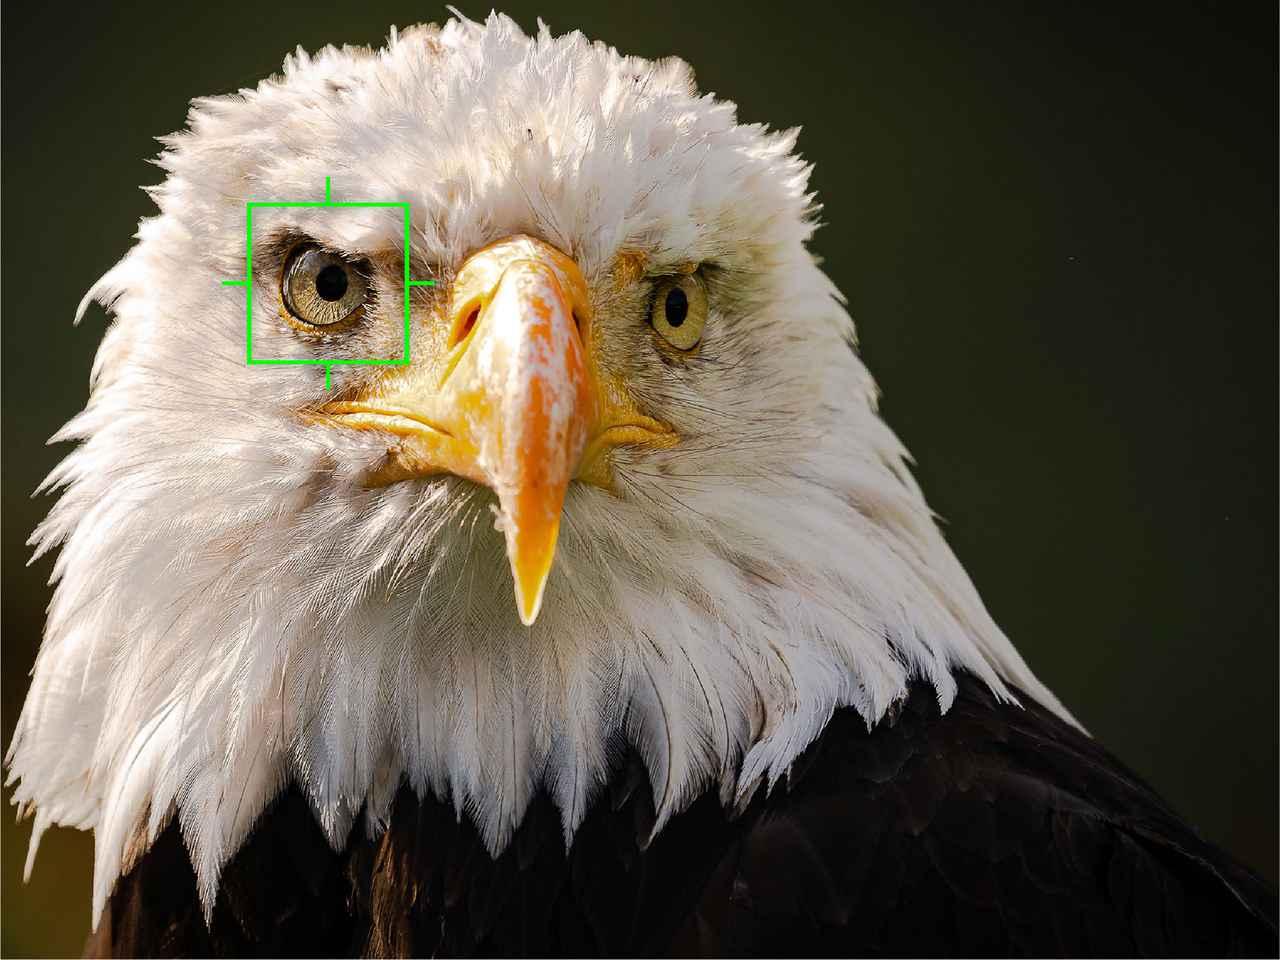 画像: 鳥認識で鳥の瞳を検出し、追尾する。